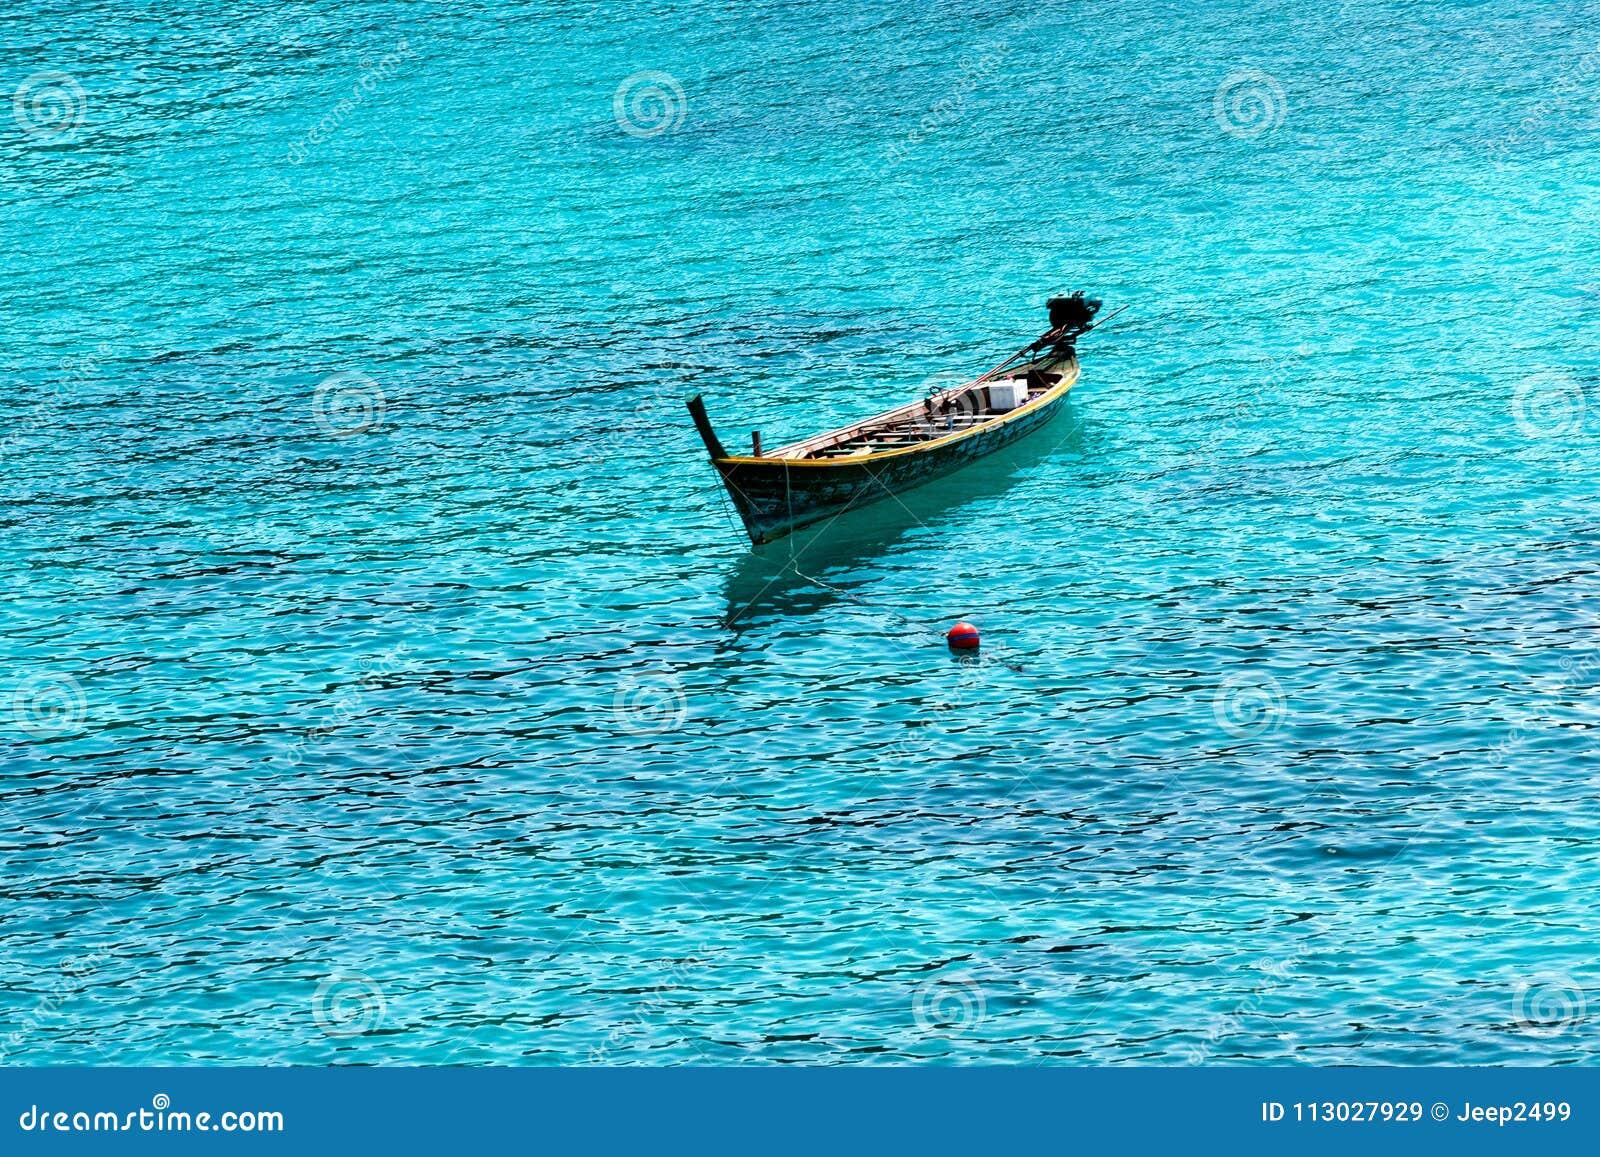 Los barcos están flotando